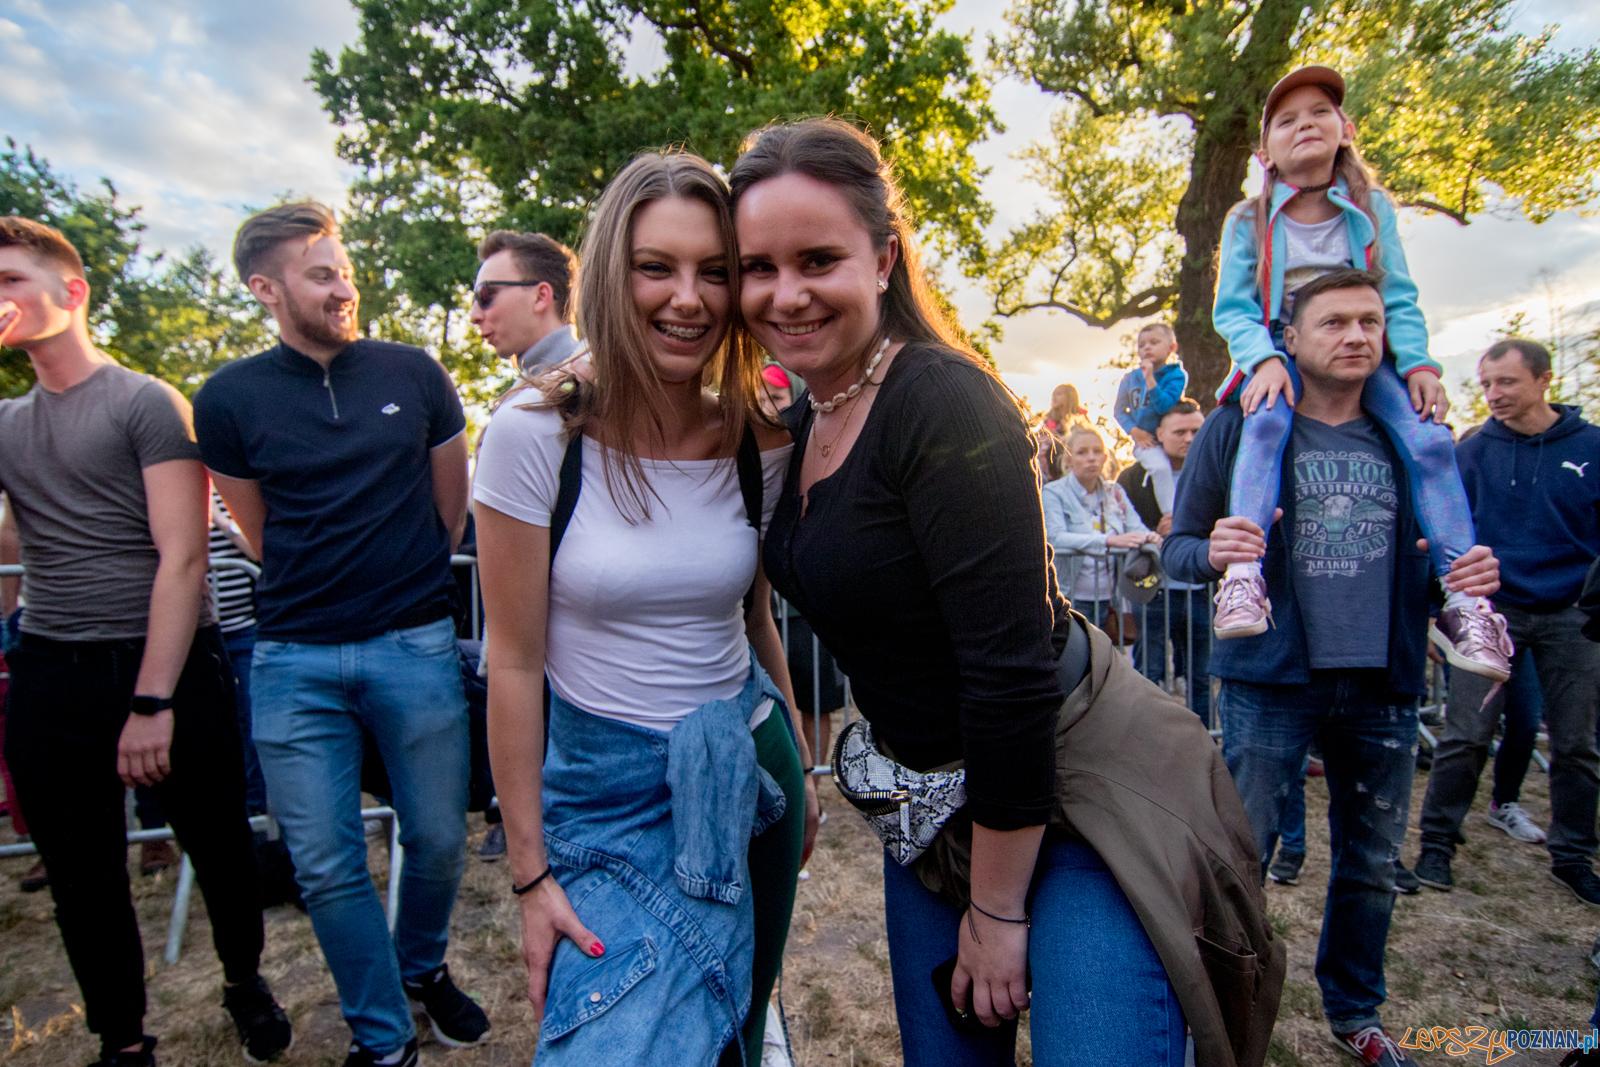 Mrozu #NaFalach  Foto: lepszyPOZNAN.pl / Ewelina Jaśkowiak